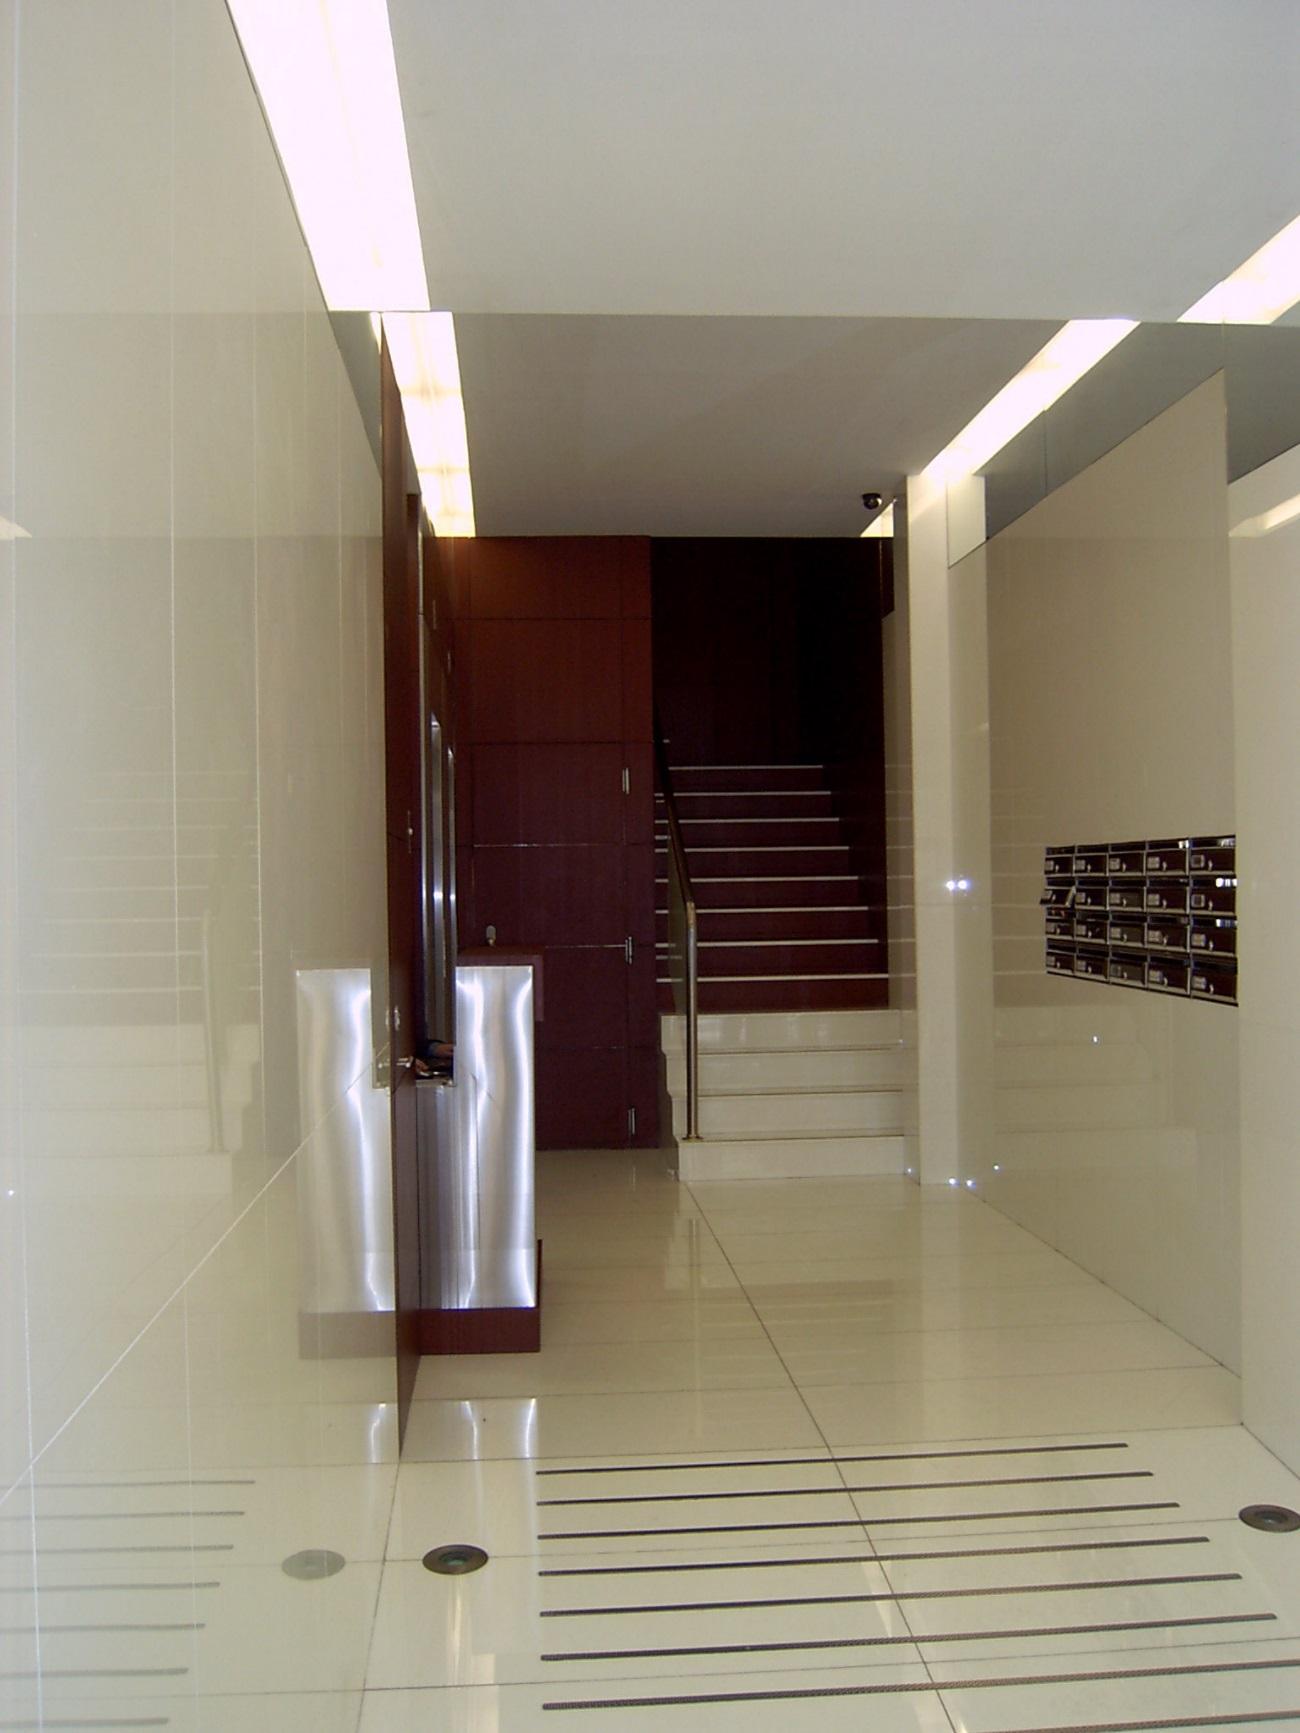 Portal edificio adaptado